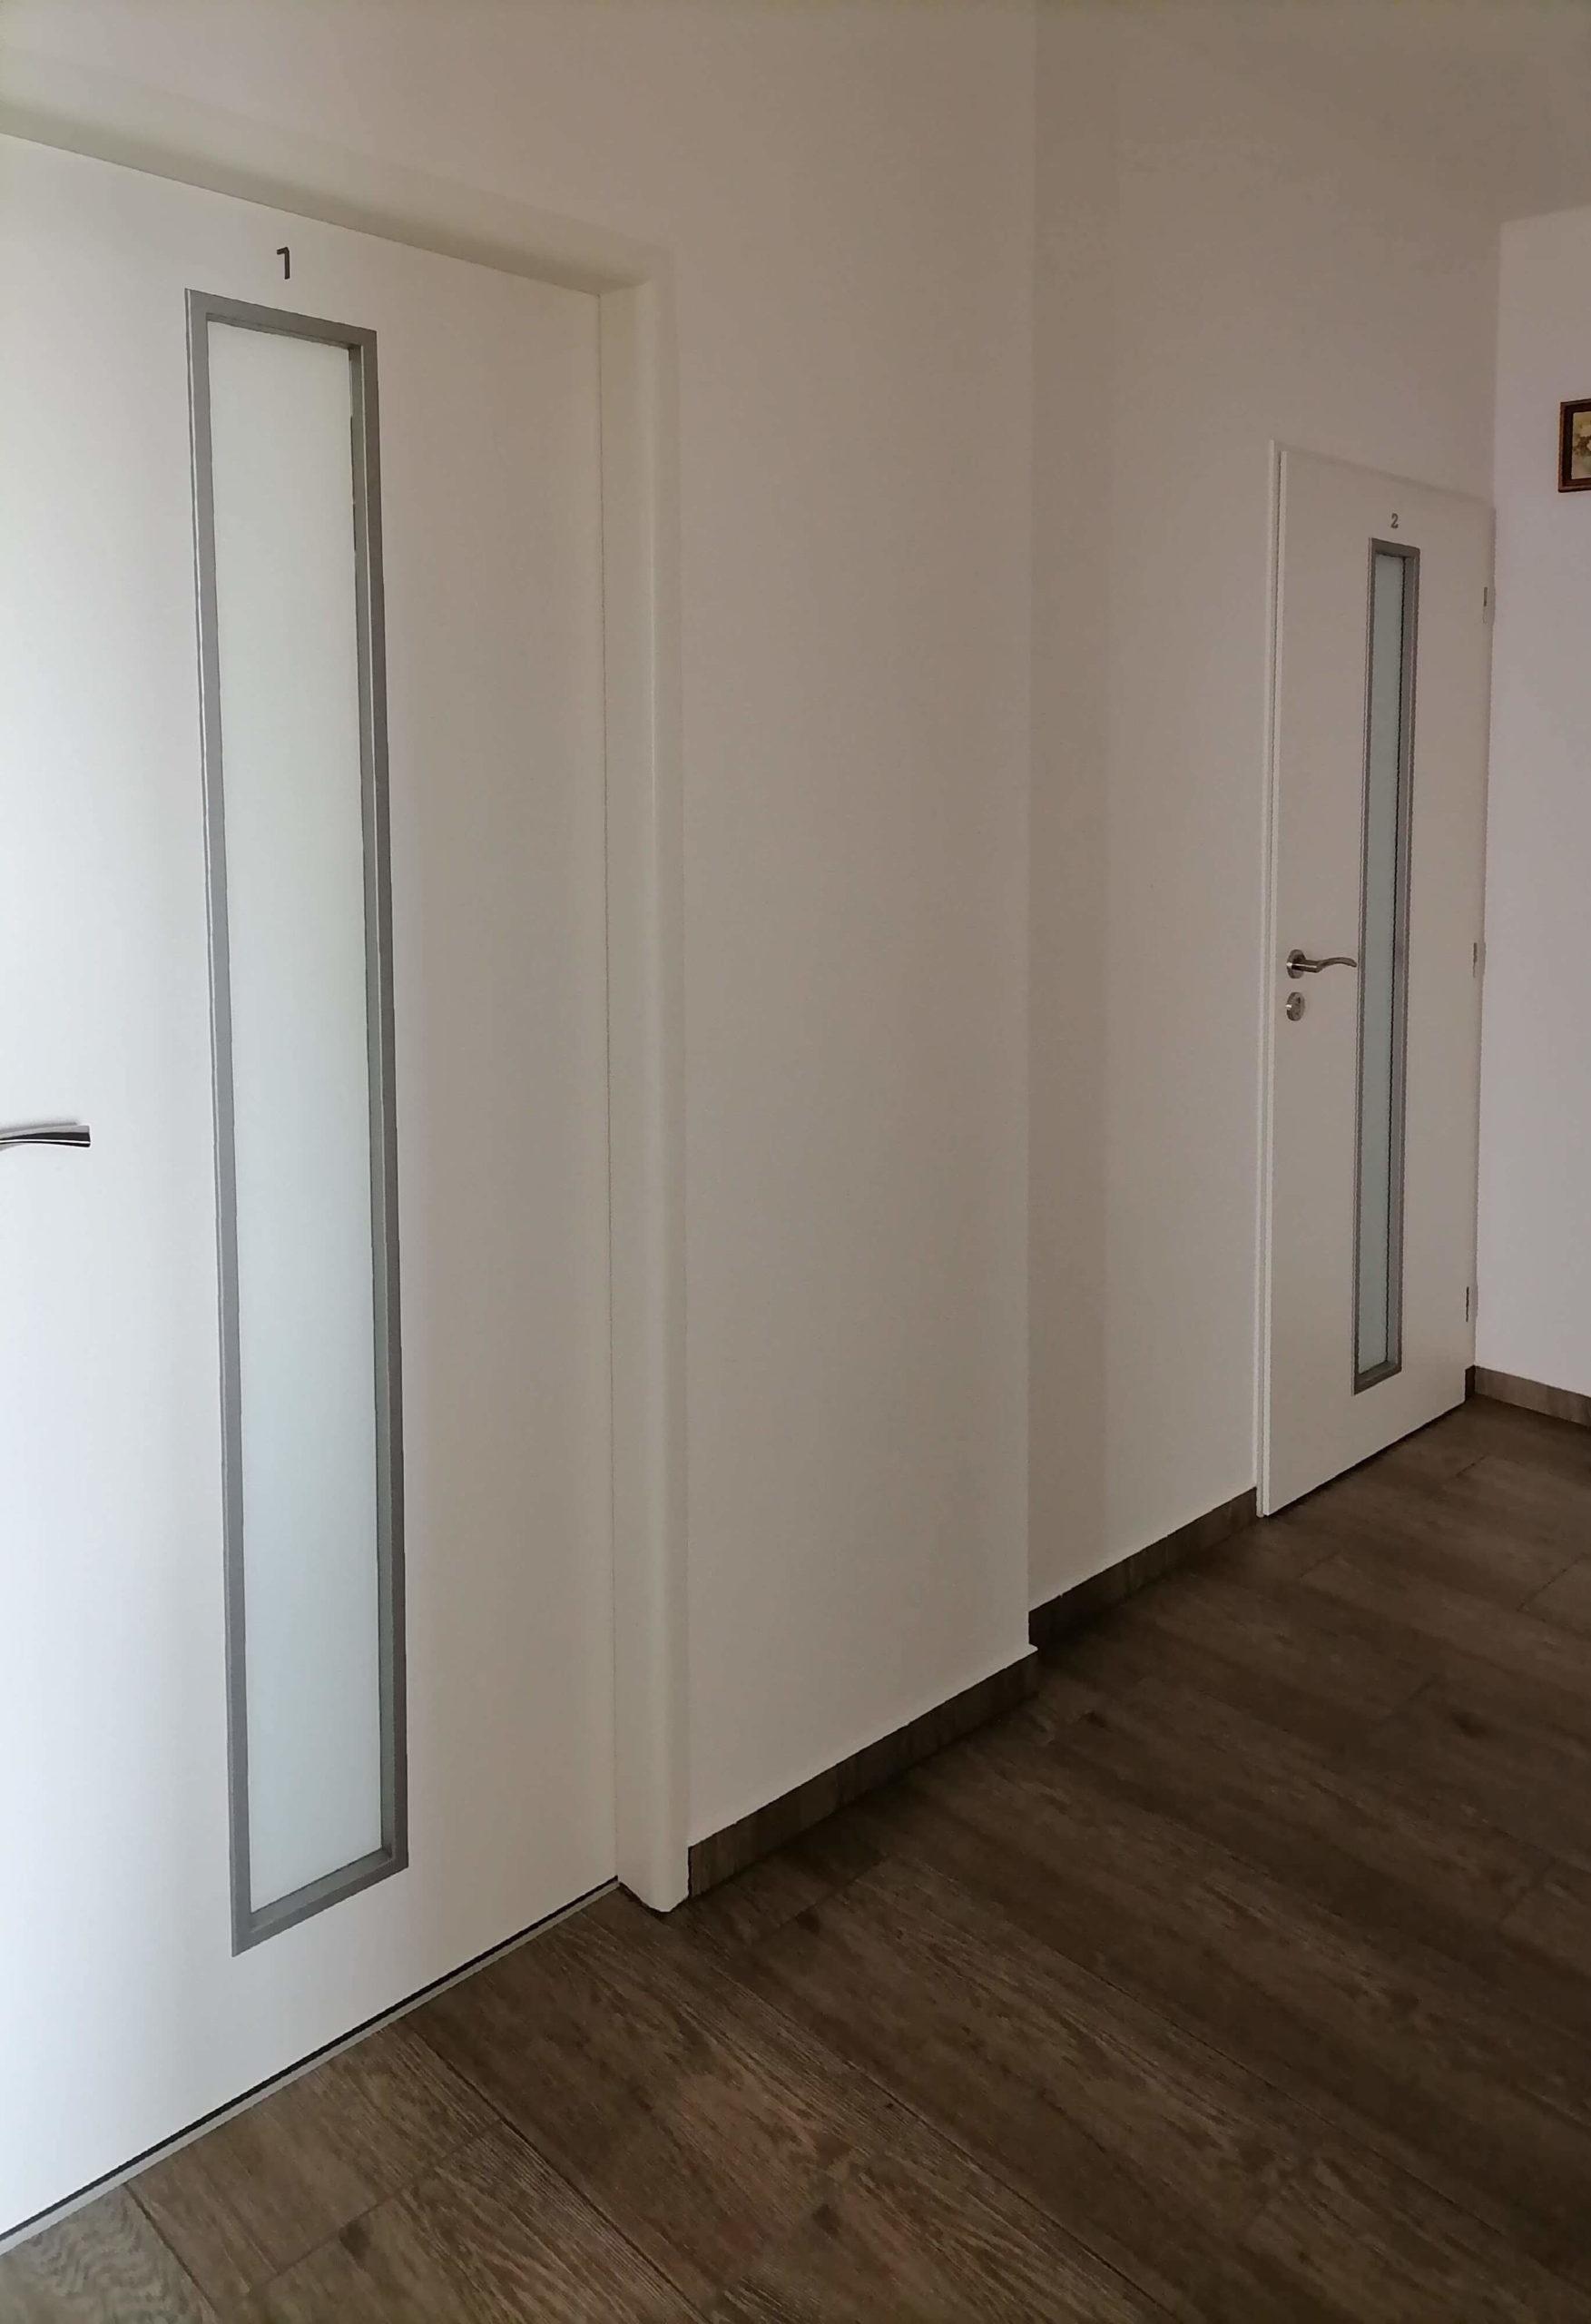 dveře kepák - reference  -bílé dveře